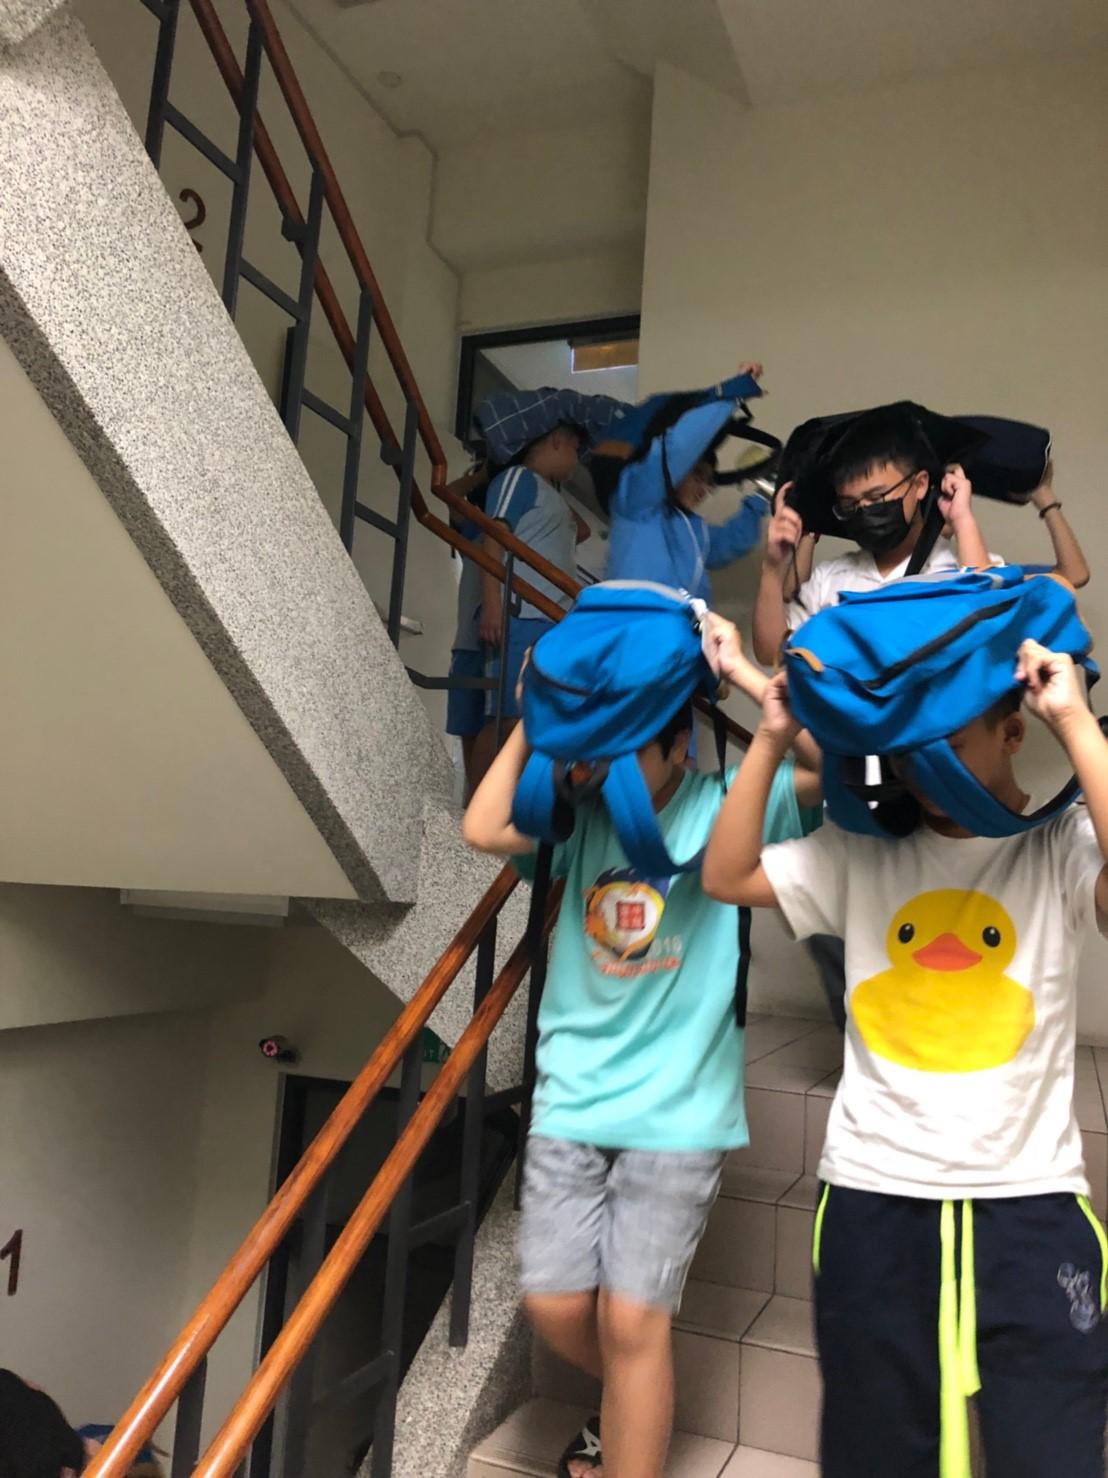 107學年度第一學期學生學生宿舍防震災演練